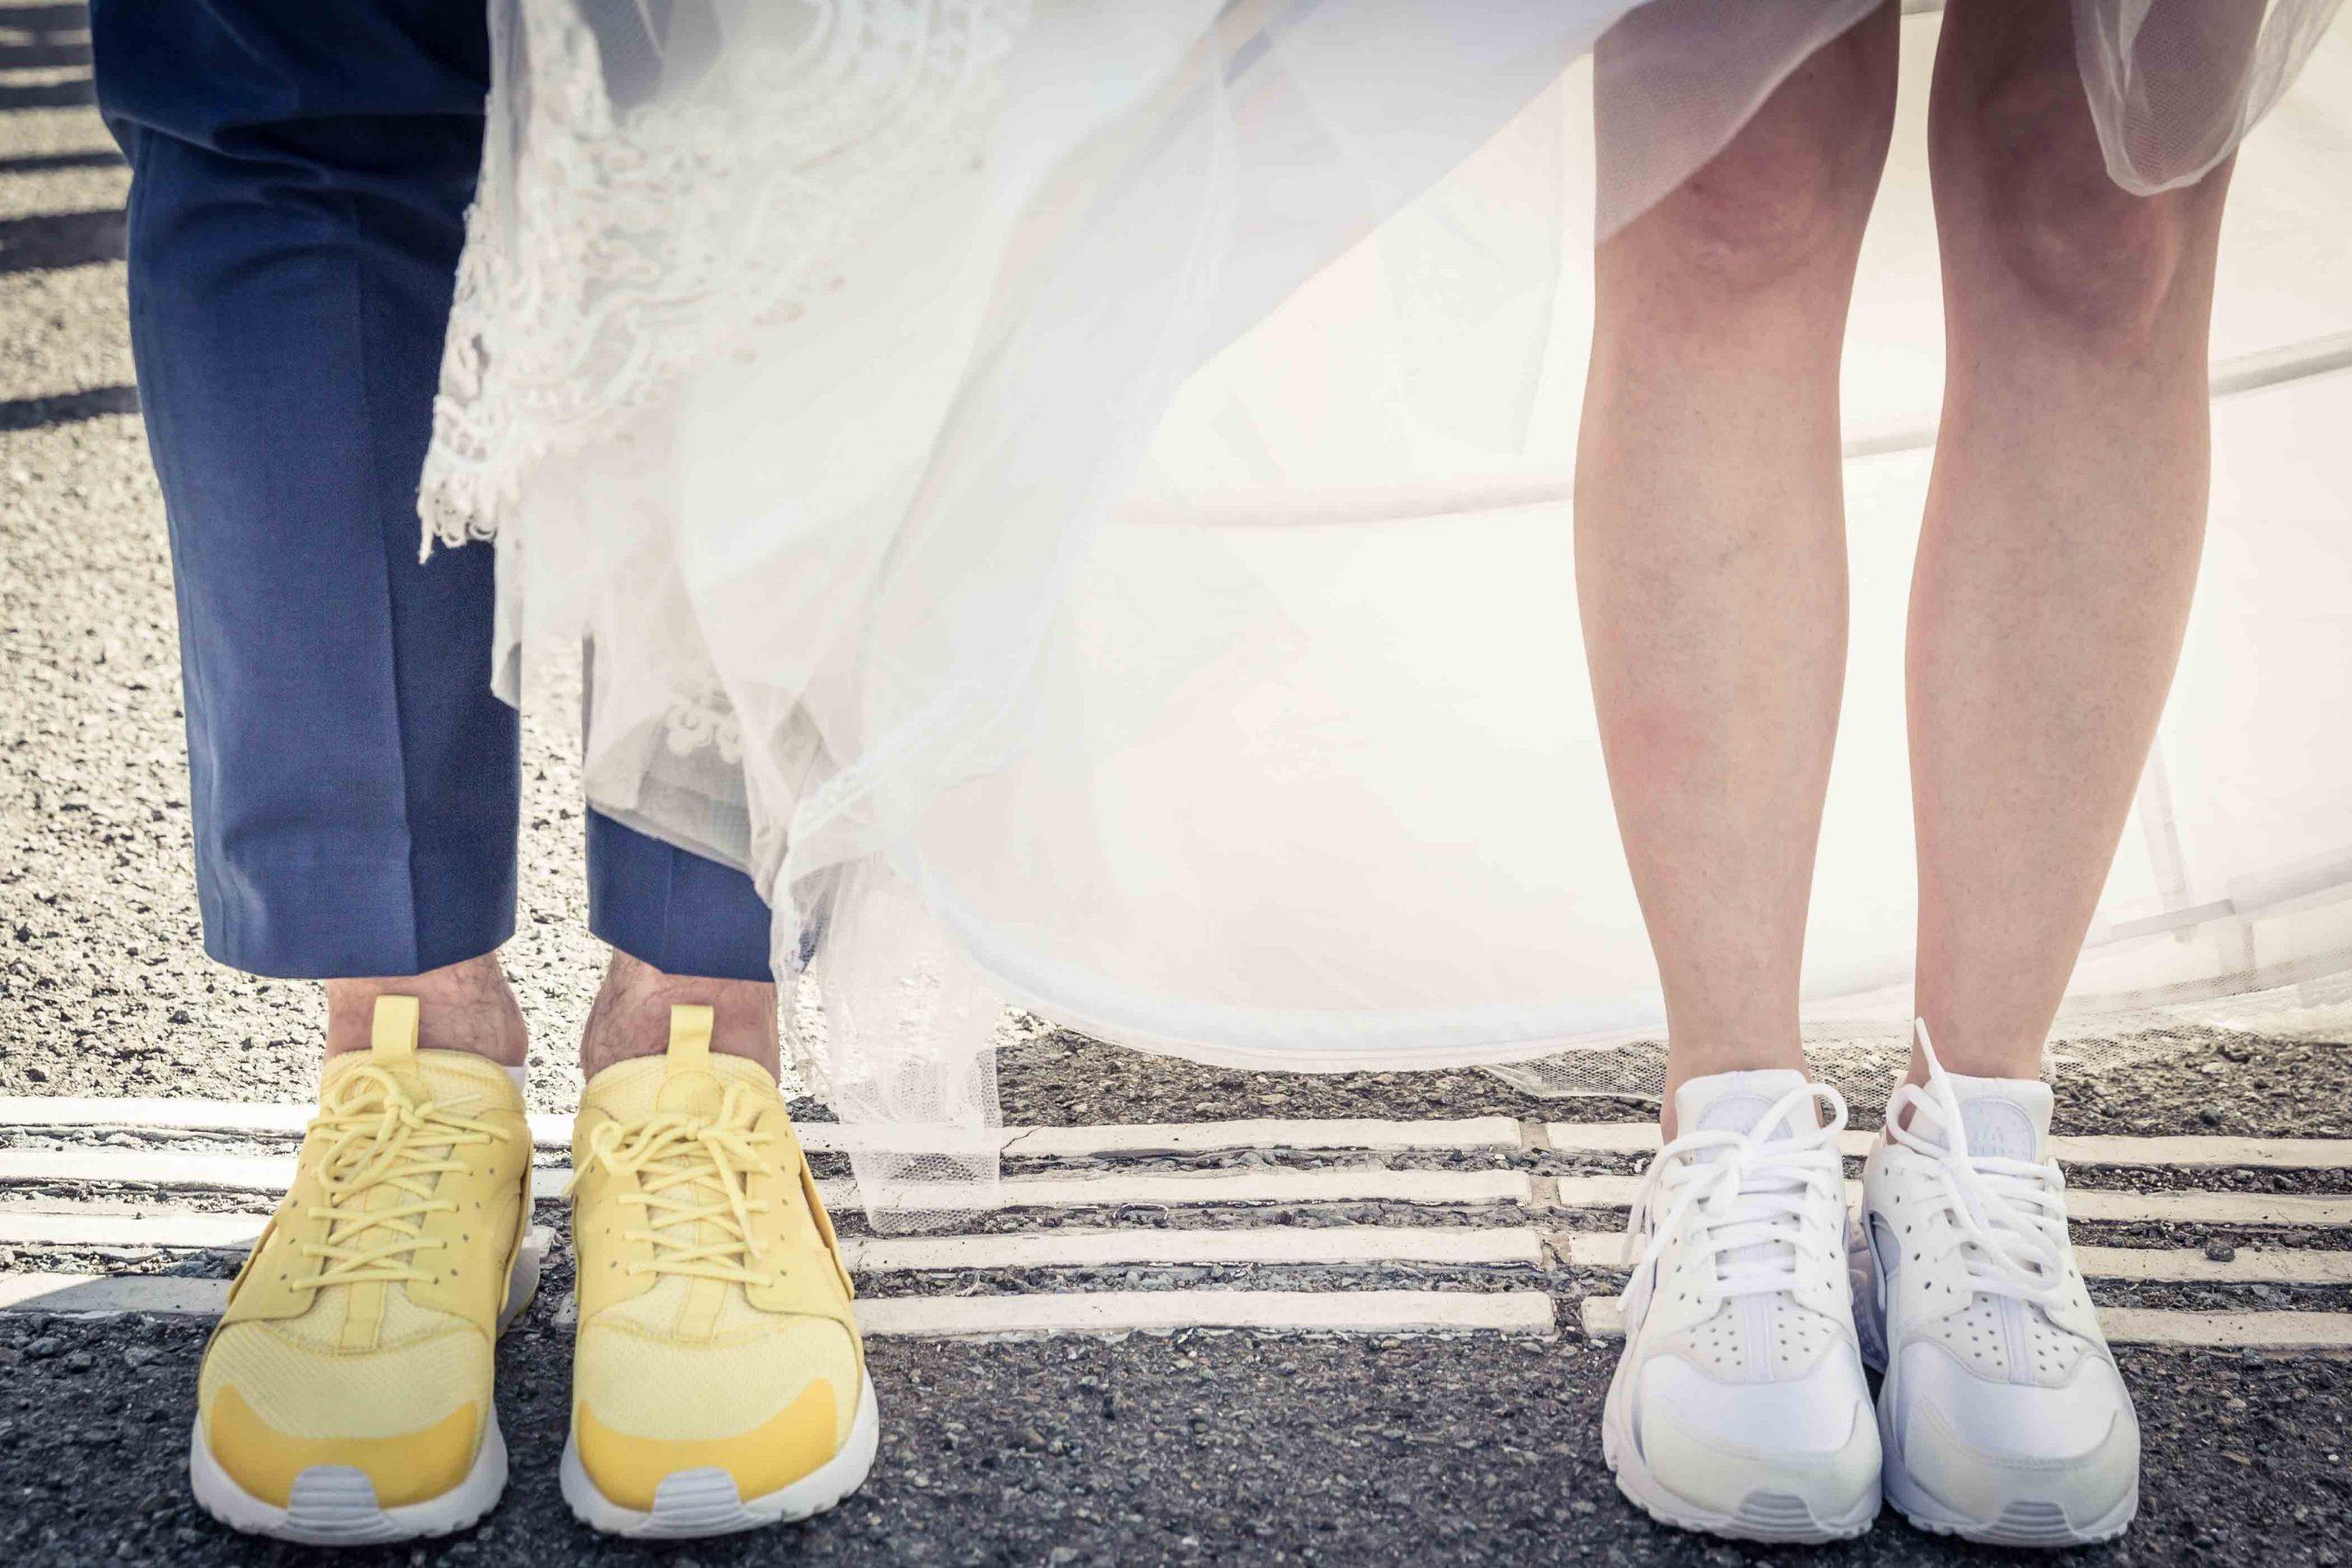 mariage en basket photo de couple thématique de couleur touche jaune